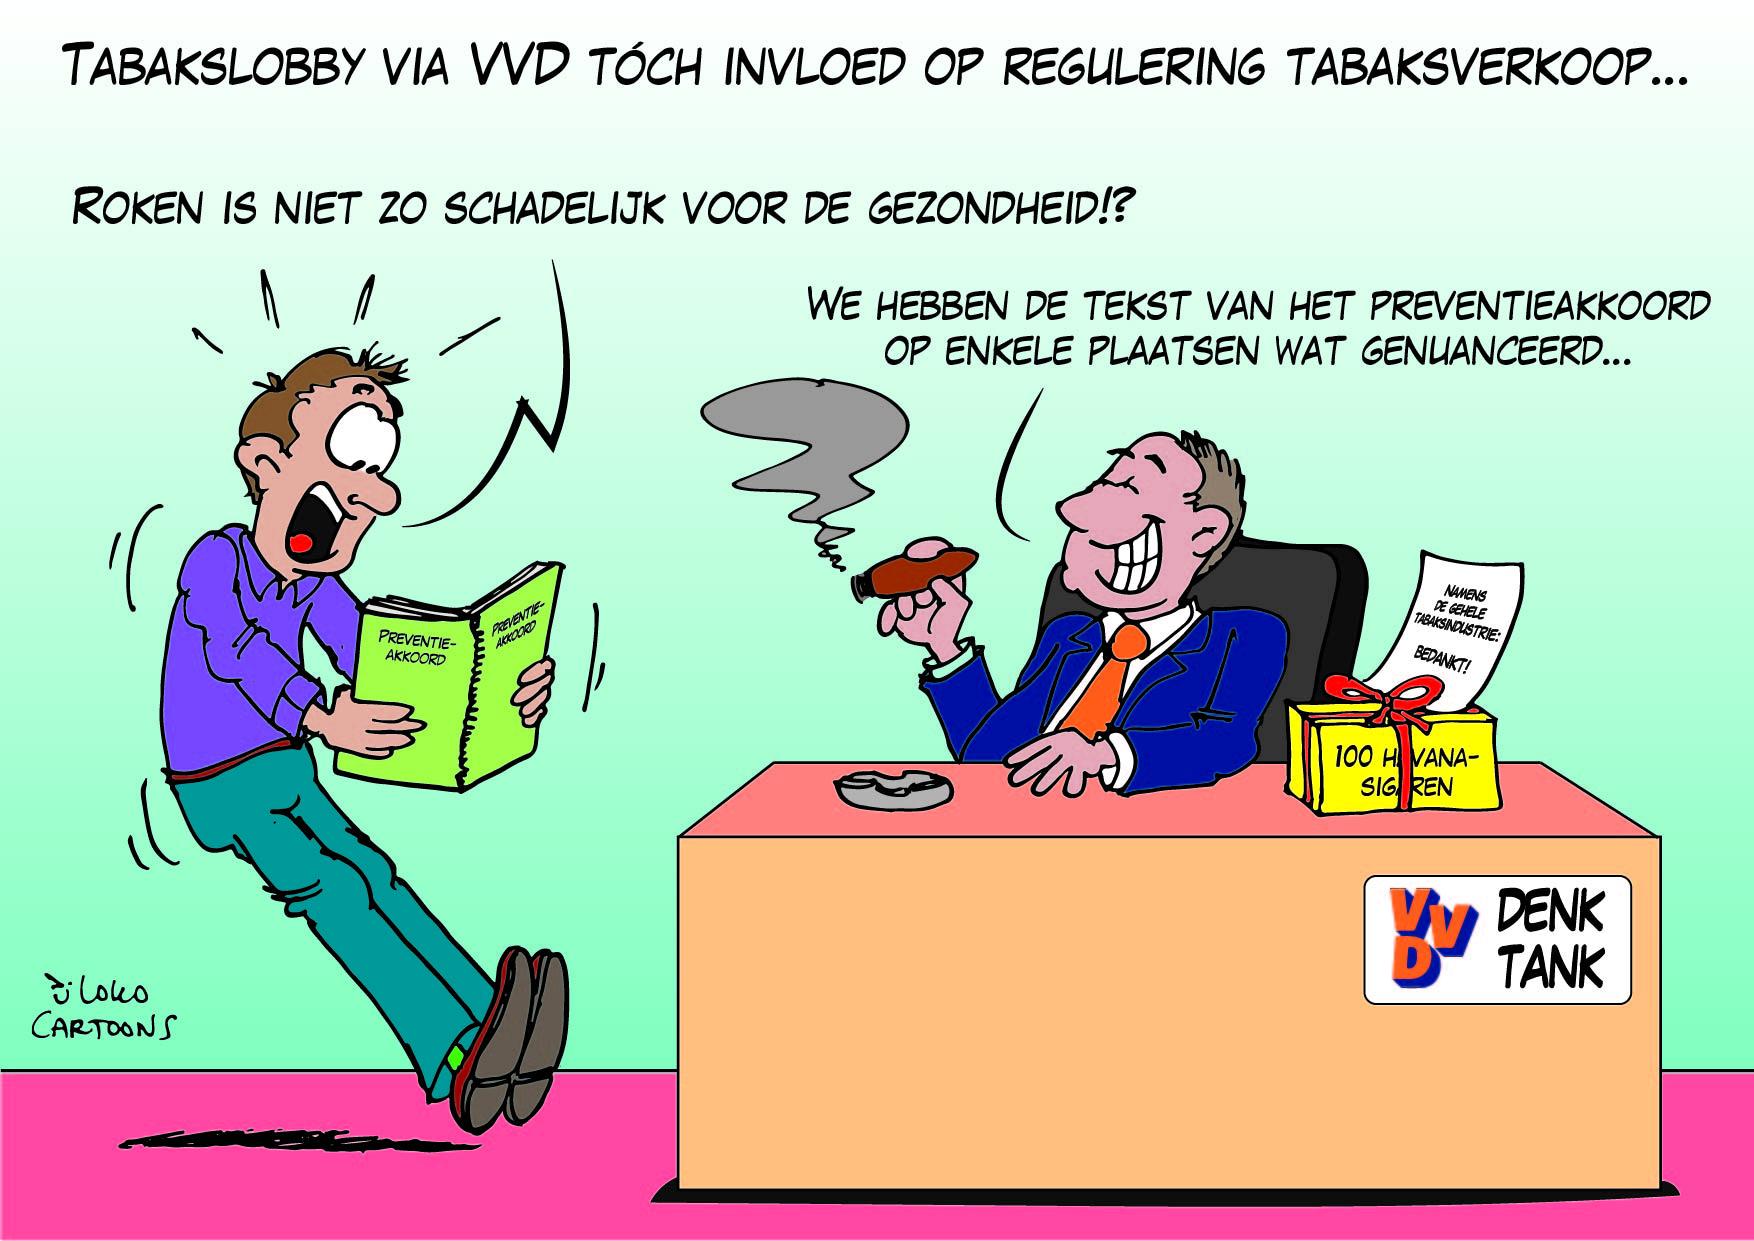 Tabakslobby via VVD tóvh invloed op regulering tabaksverkoop…